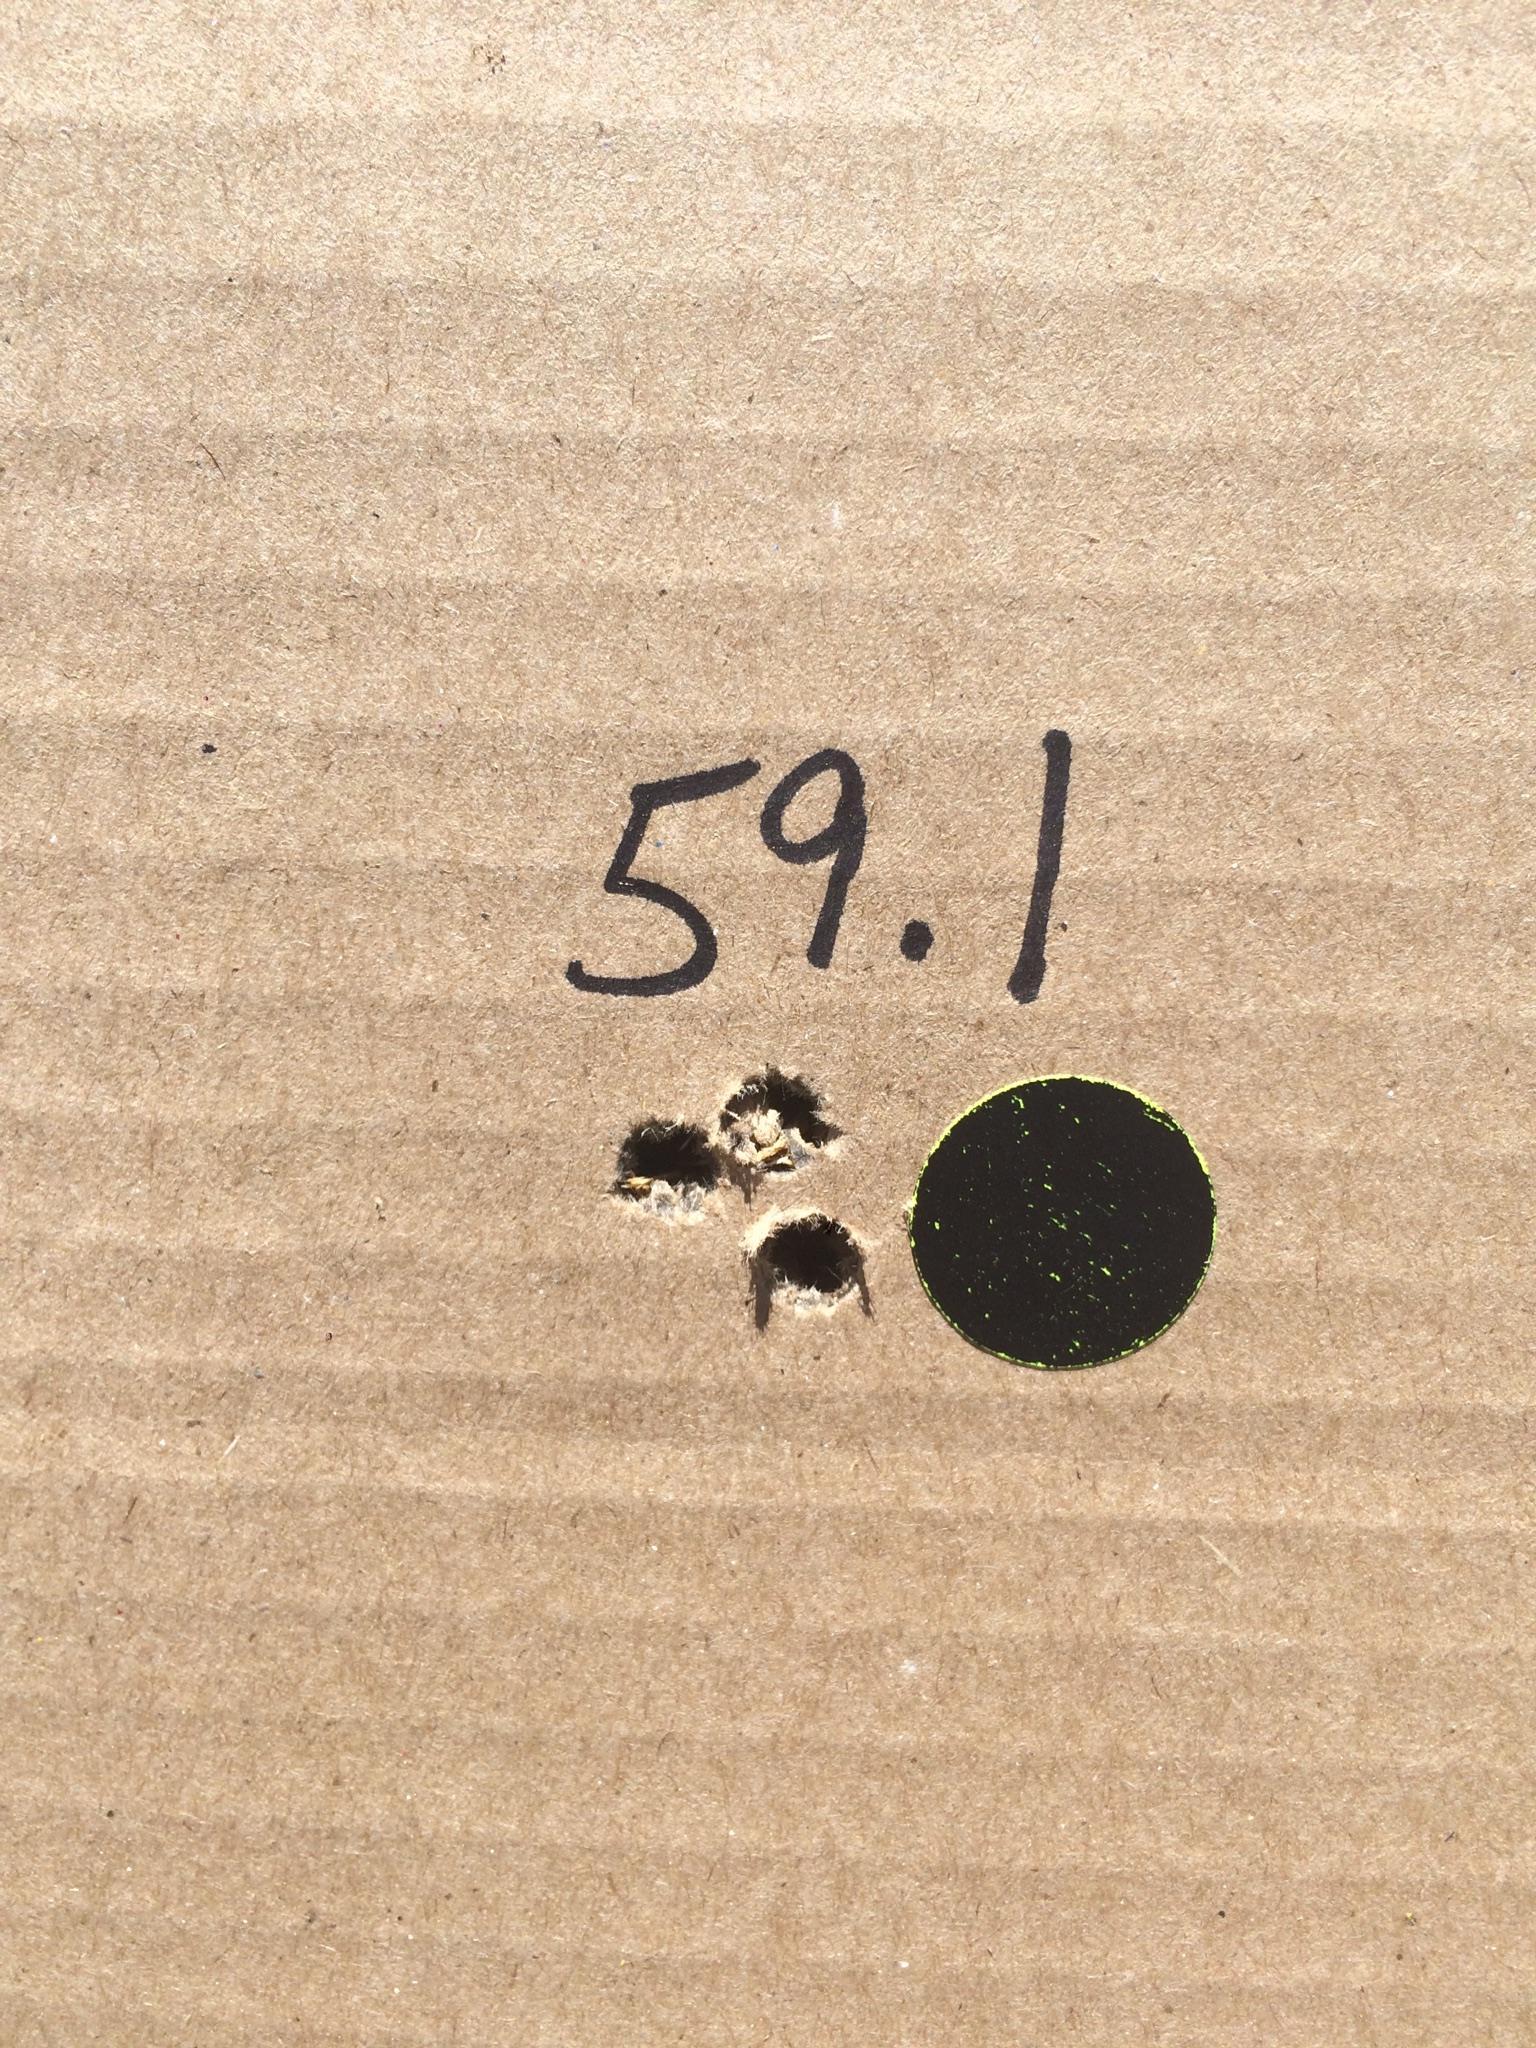 0B564C53-9D03-4A4F-B28B-394360FBDCA9.jpeg